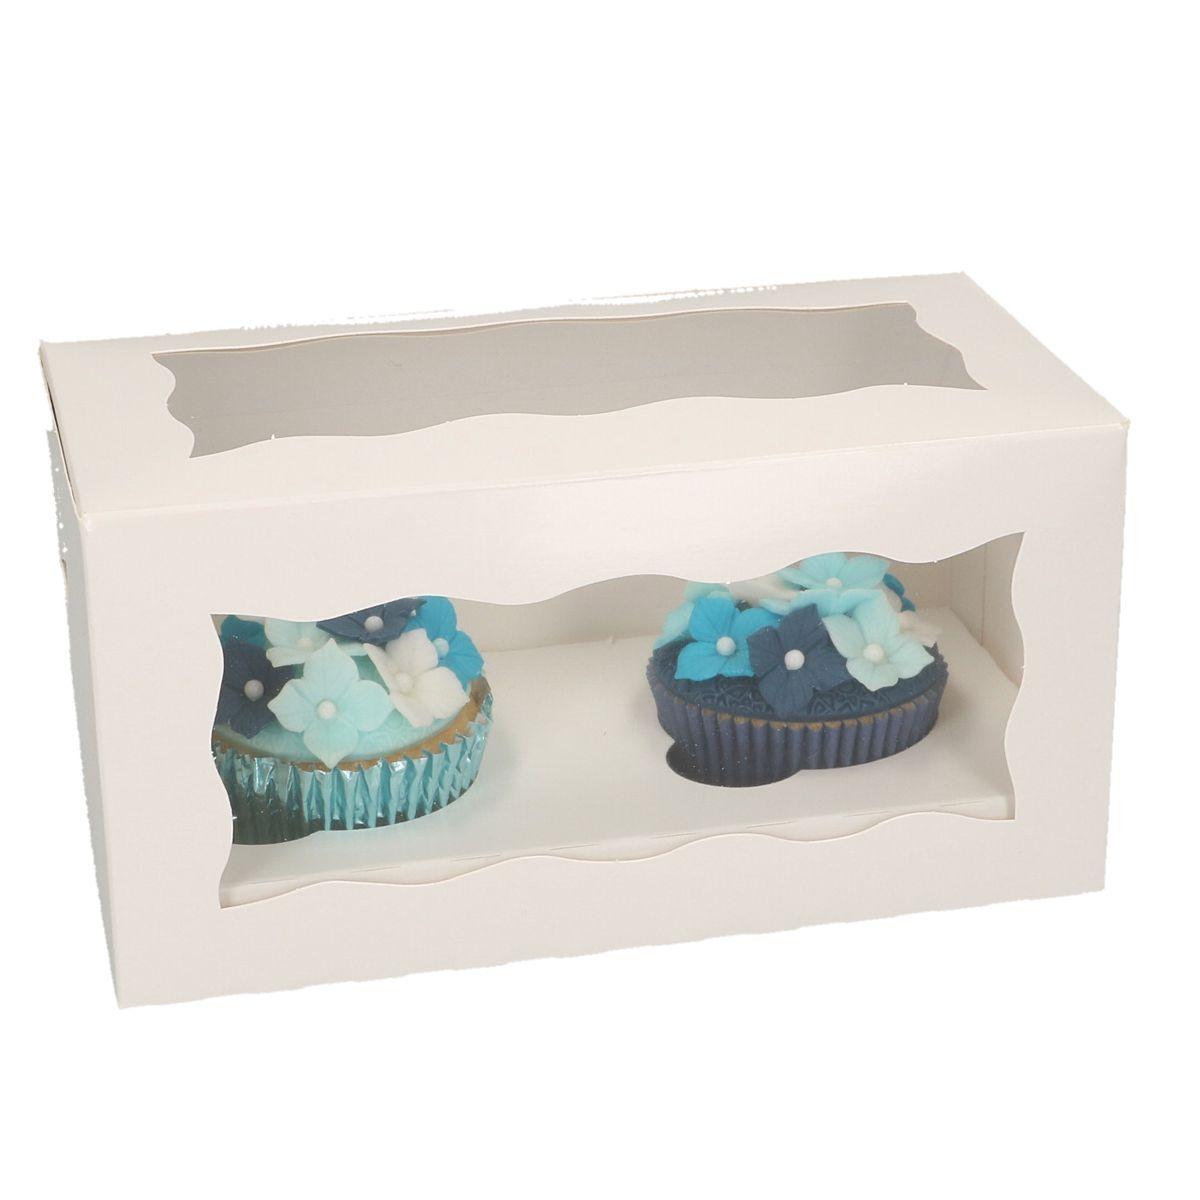 Boîte pour 2 cupcakes - Blanc - Lot de 3